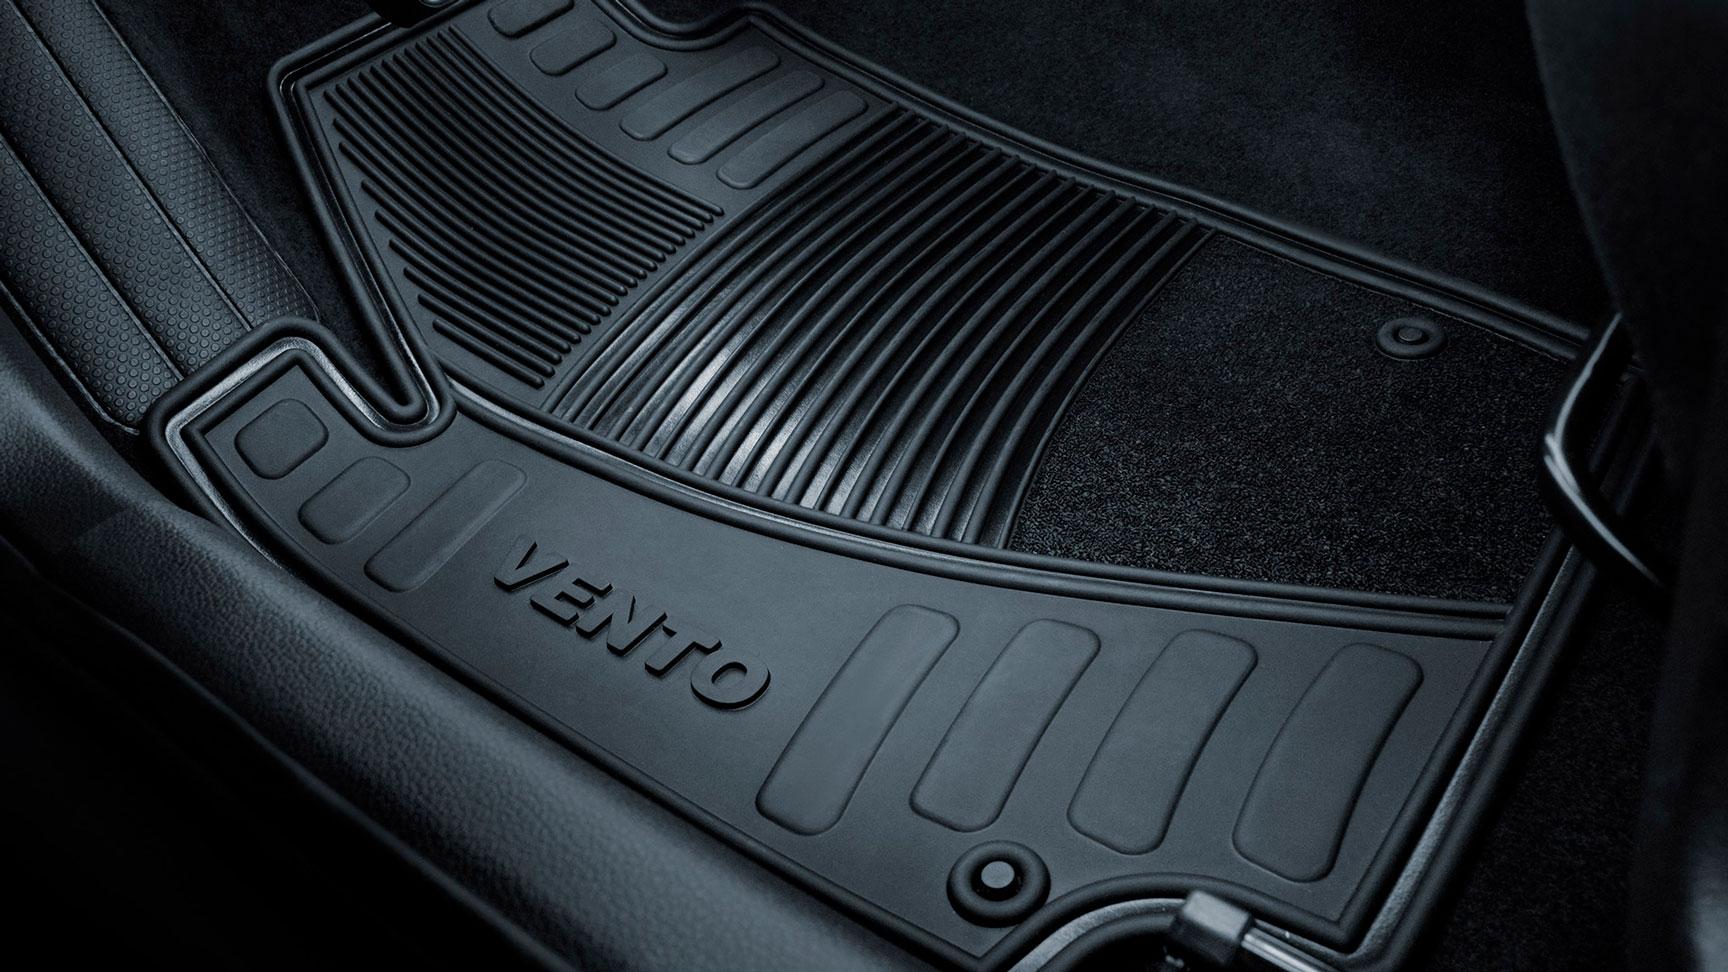 Nuevos tapetes de goma Vento, accesorios originales de Volkswagen de venta en Das WeltAuto.